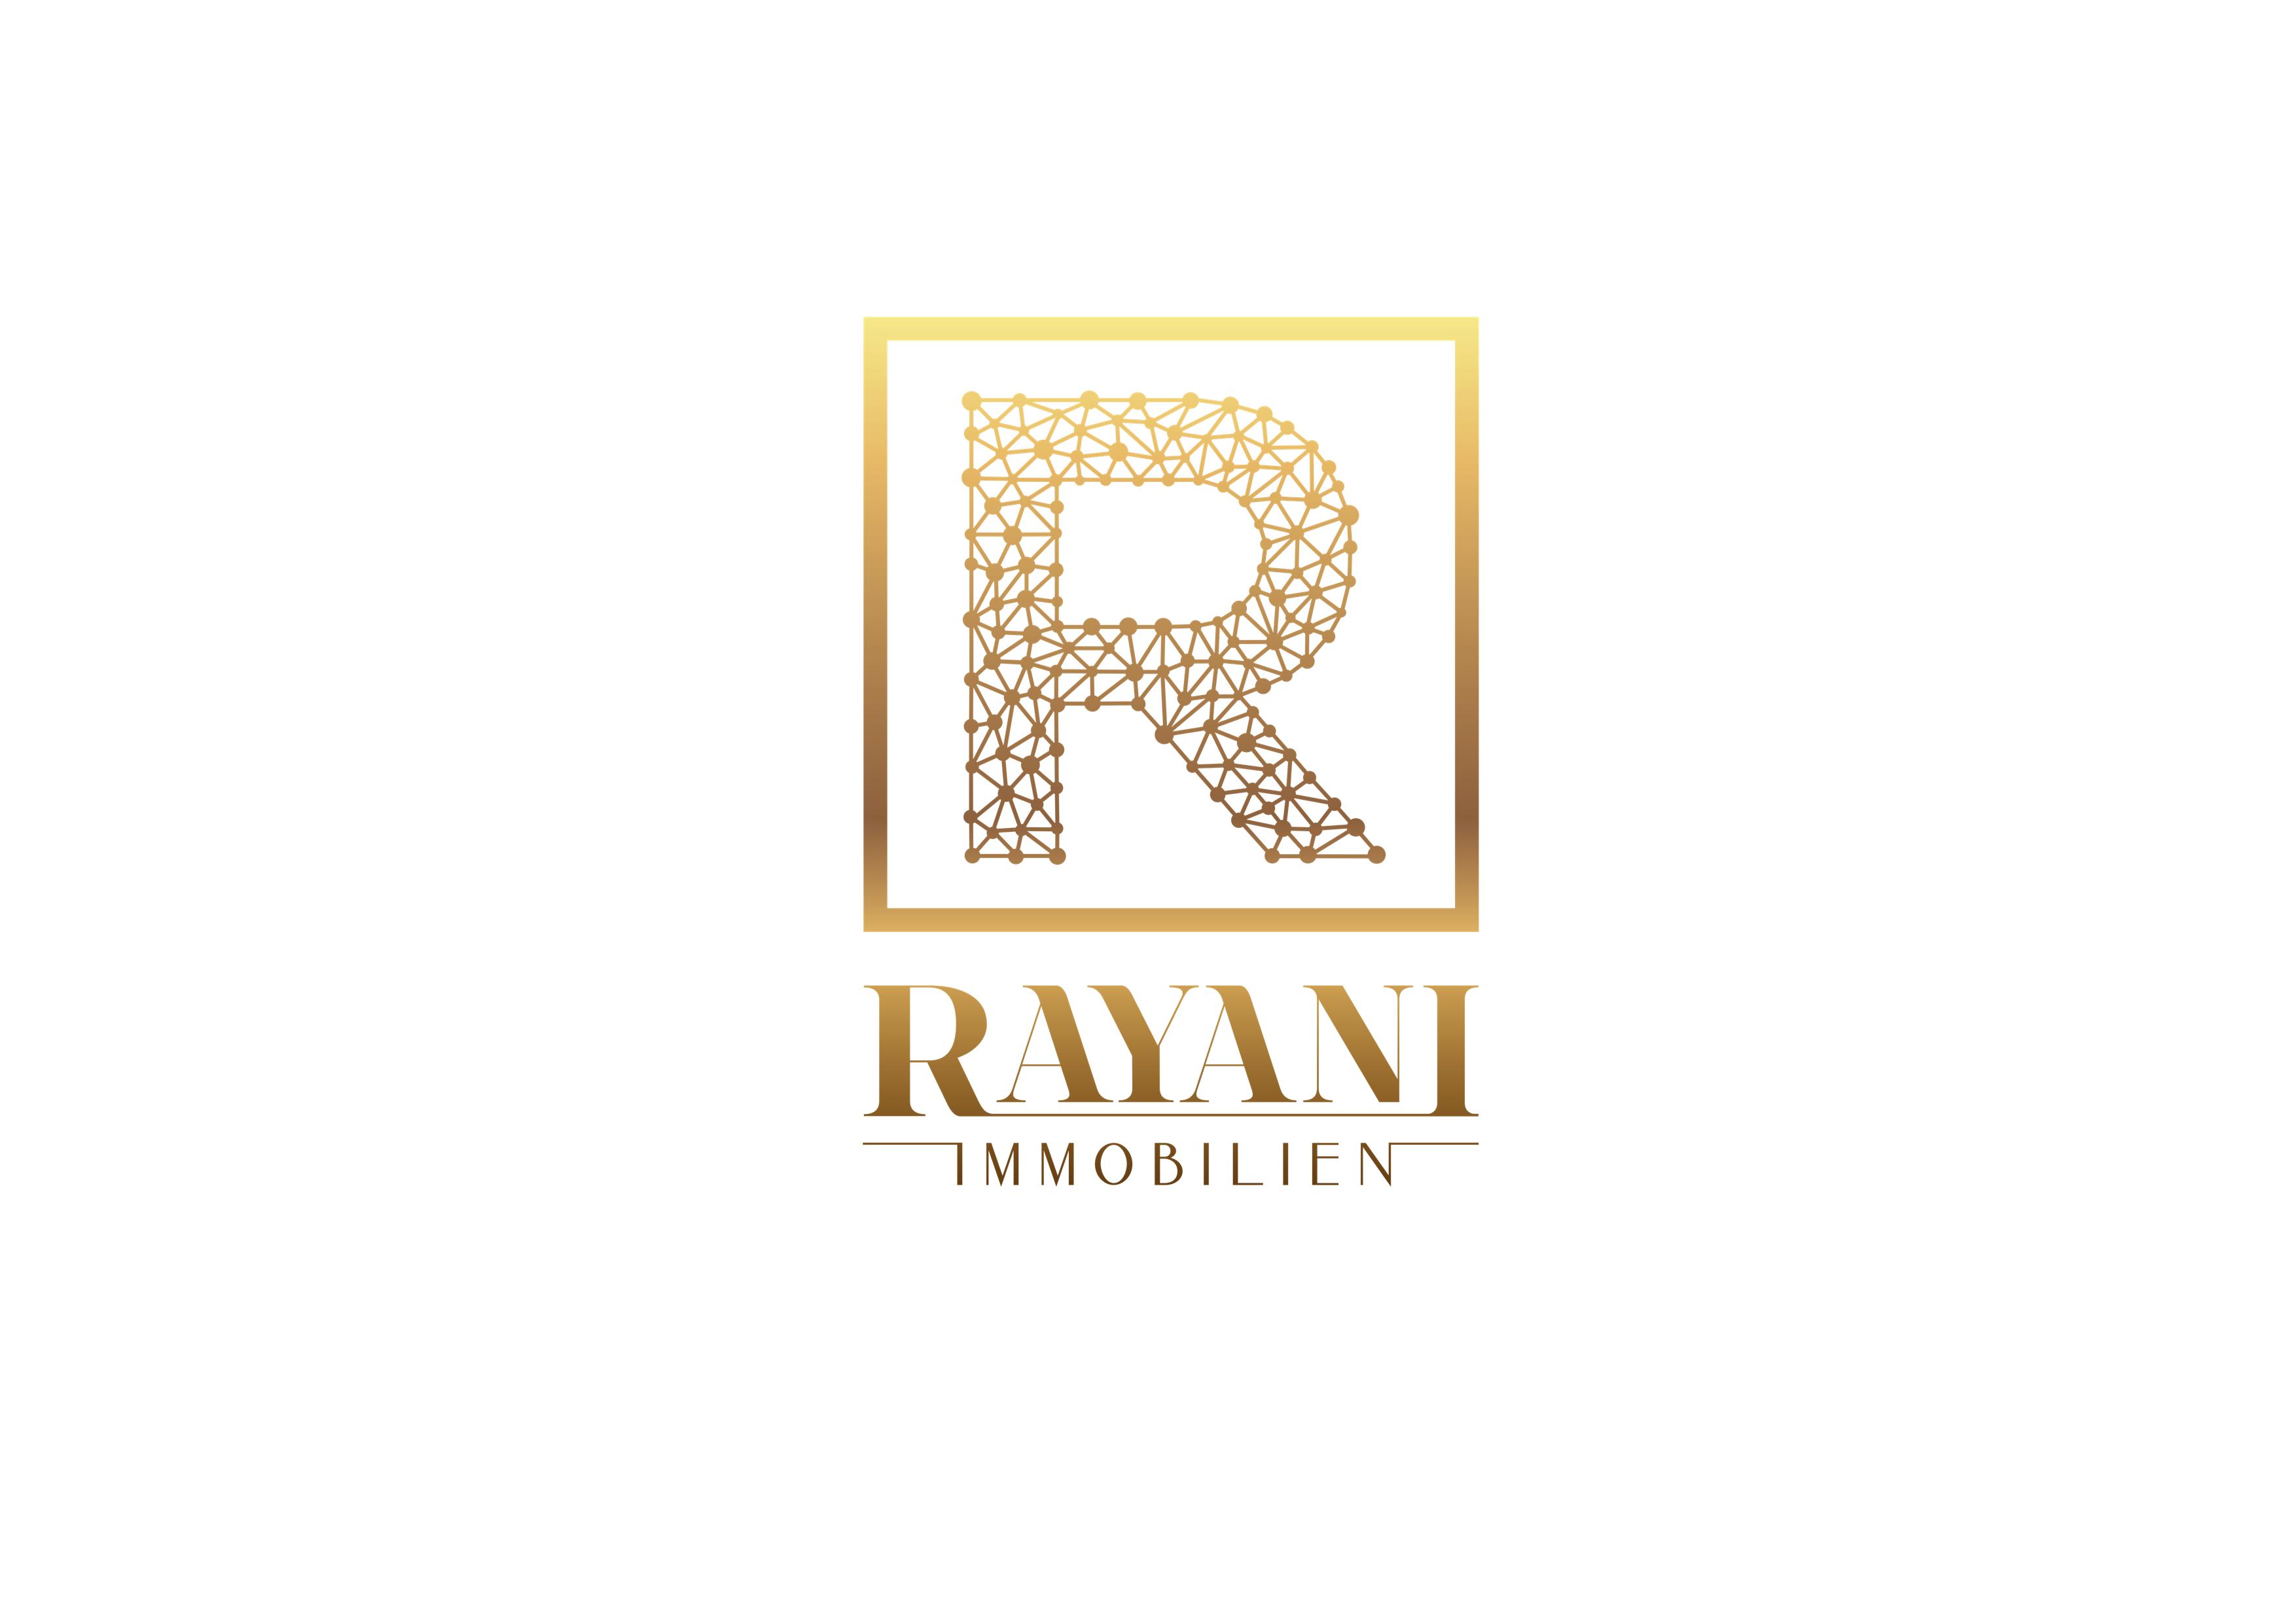 Hier sehen Sie das Logo von Rayani Immobilien e.K.